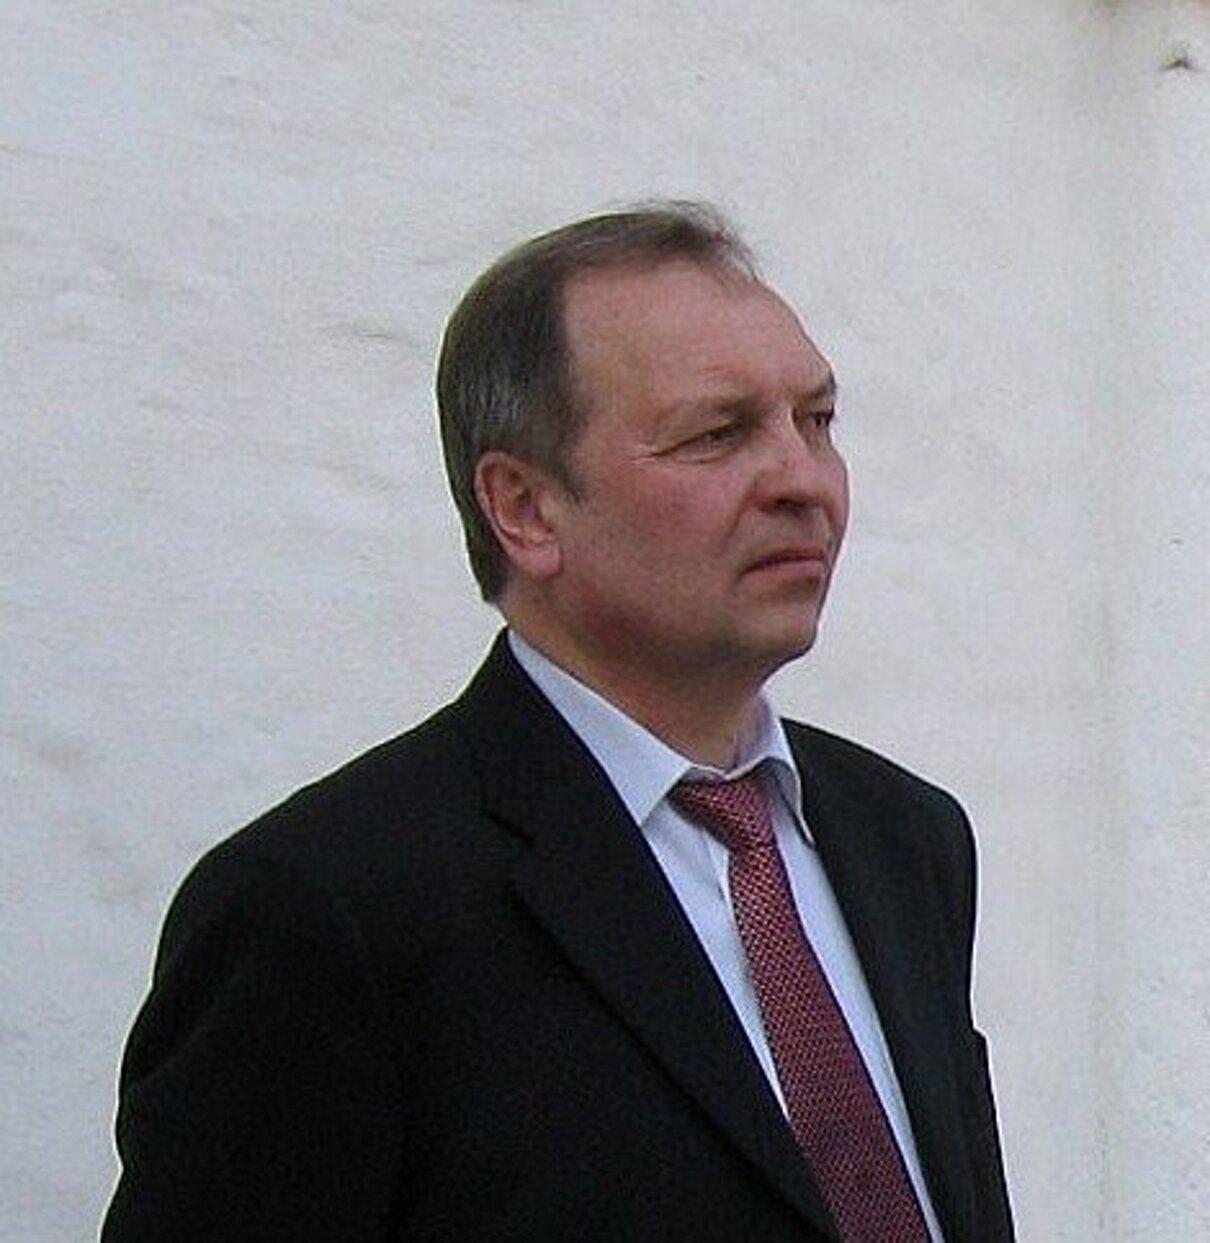 Жалоба-отзыв: охранник Голиков С.Н. - Аферист-альфонс